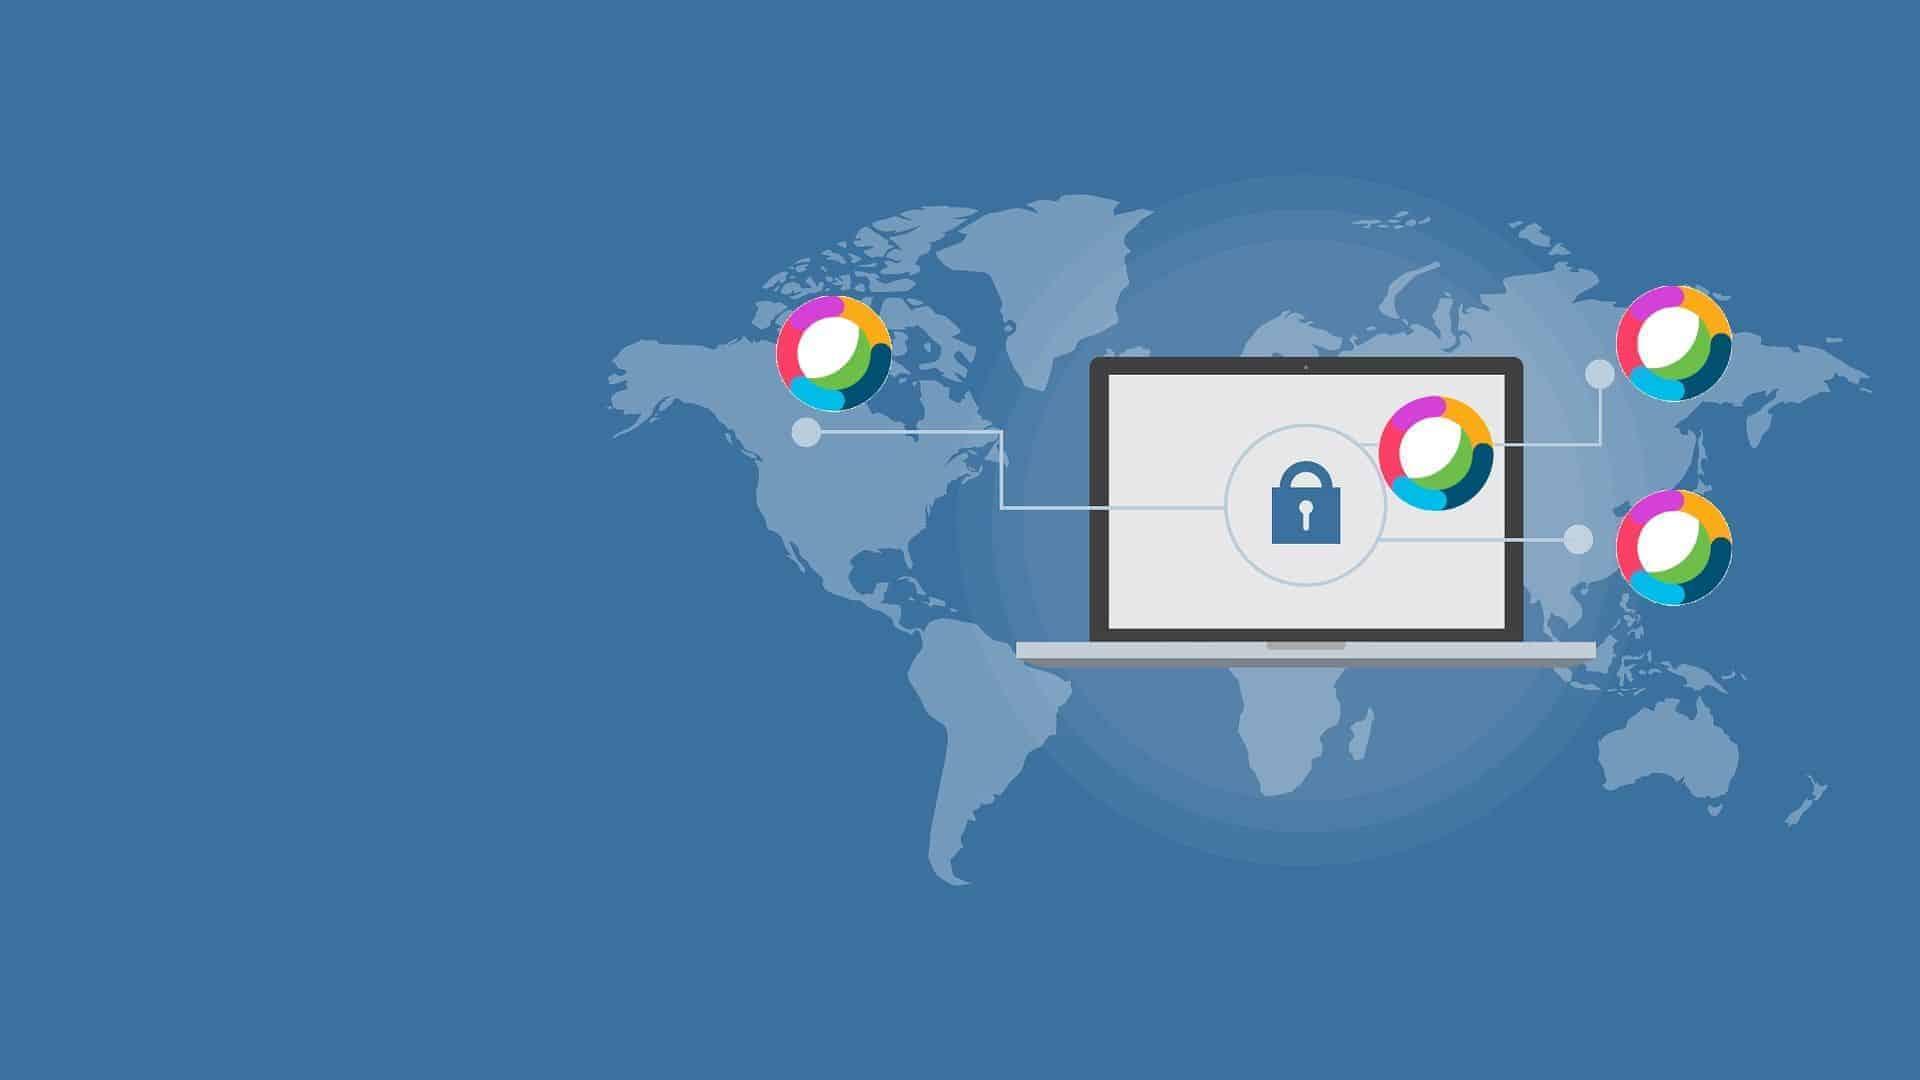 Webex Teams + security